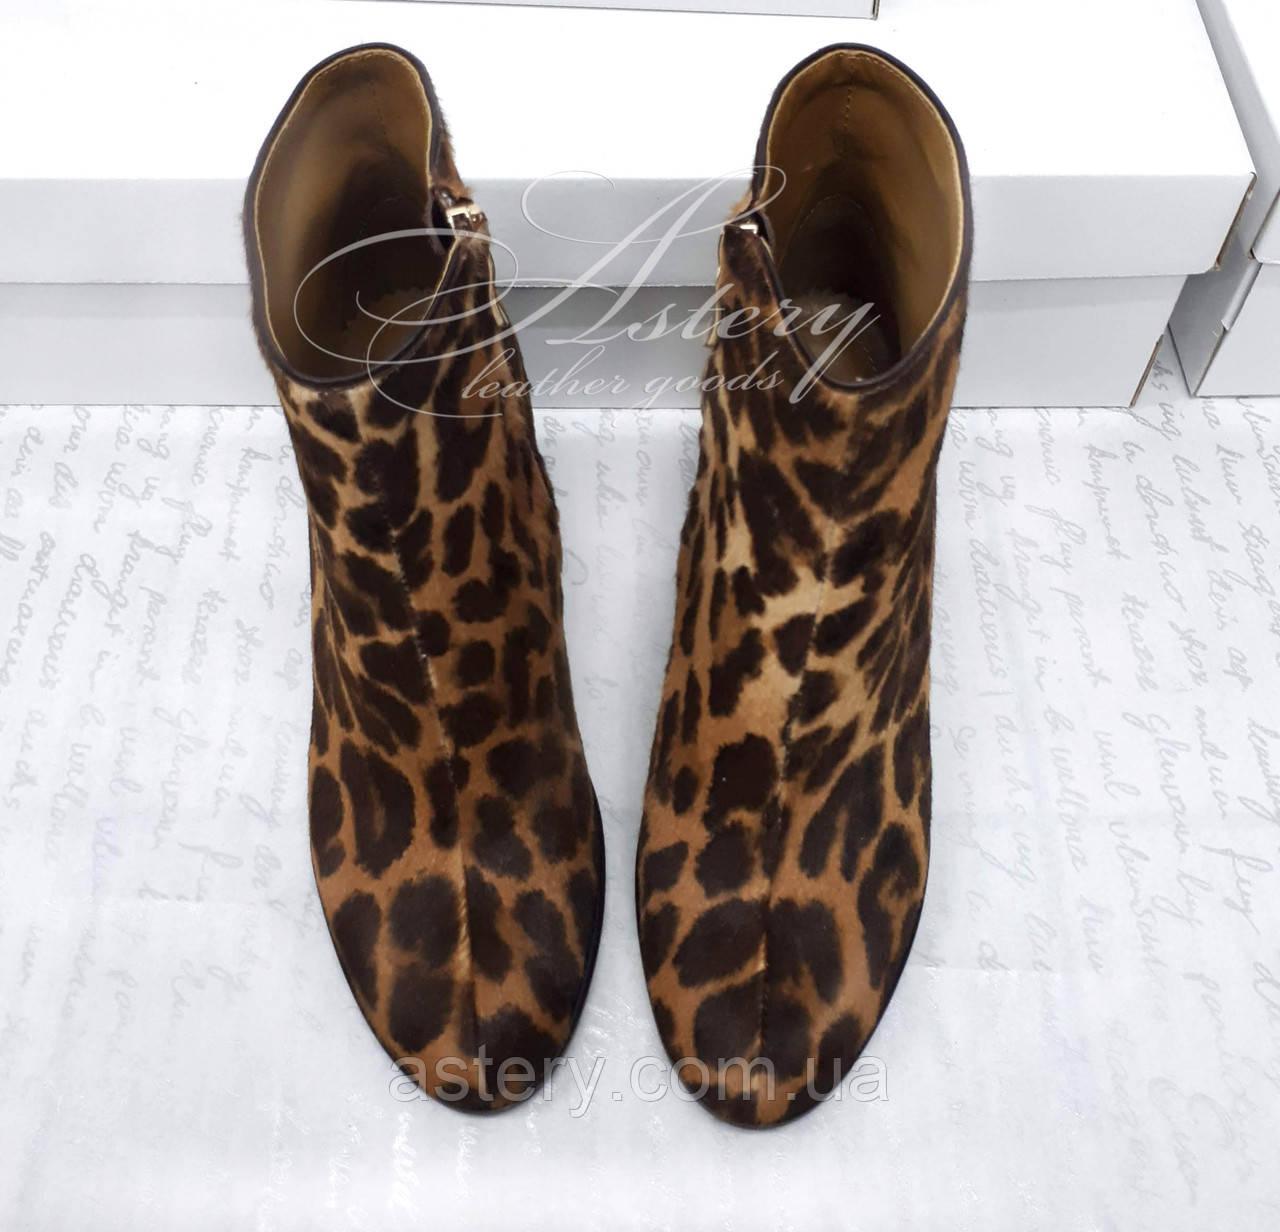 Жіночі черевики з леопардовим принтом на круглому підборах із стриженого хутра поні